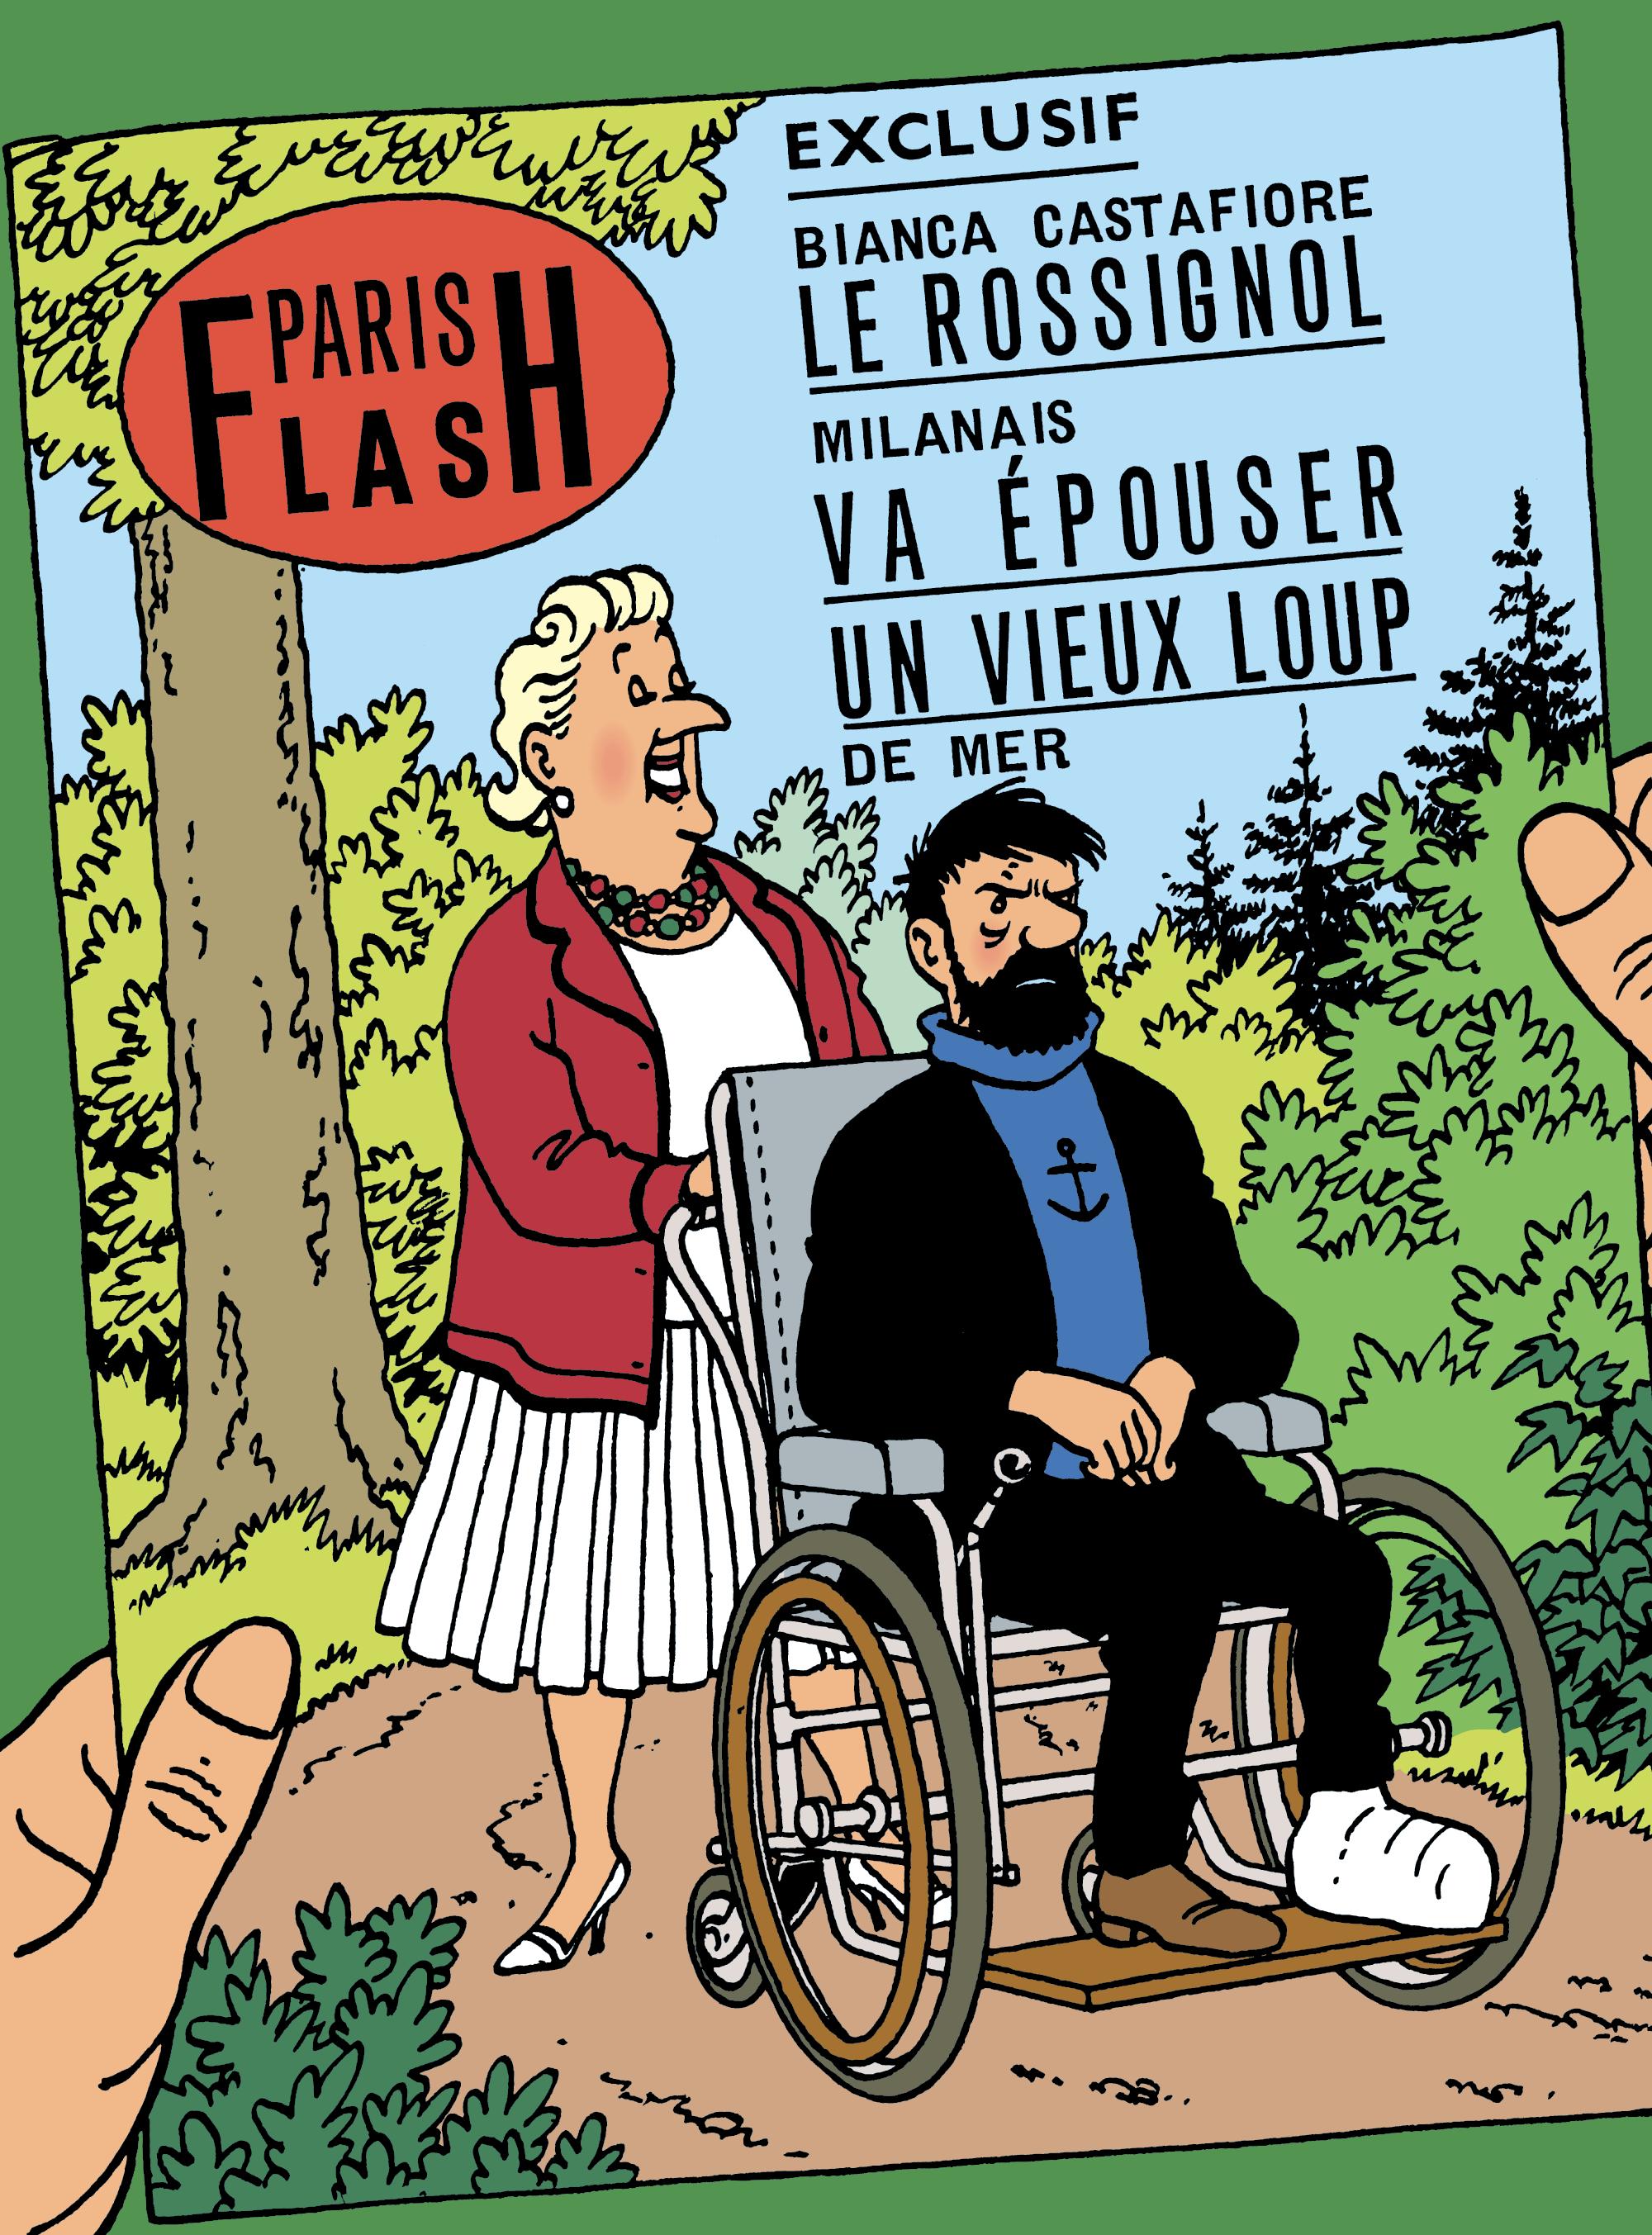 Paris Flash, The Castafiore Emerald